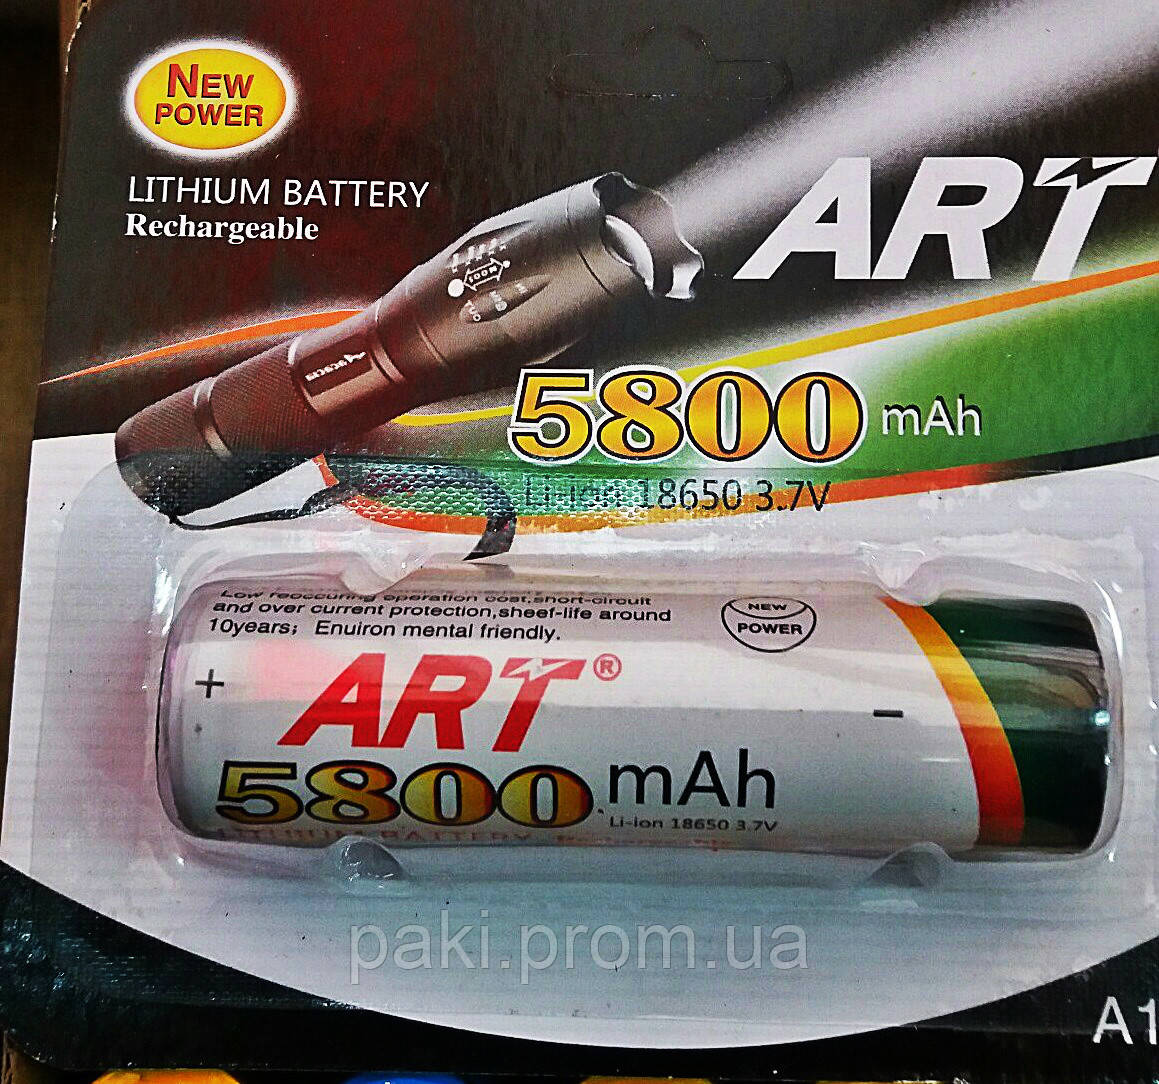 Акумулятор ART 18650 Li-ion 5800mAh 3.7 V